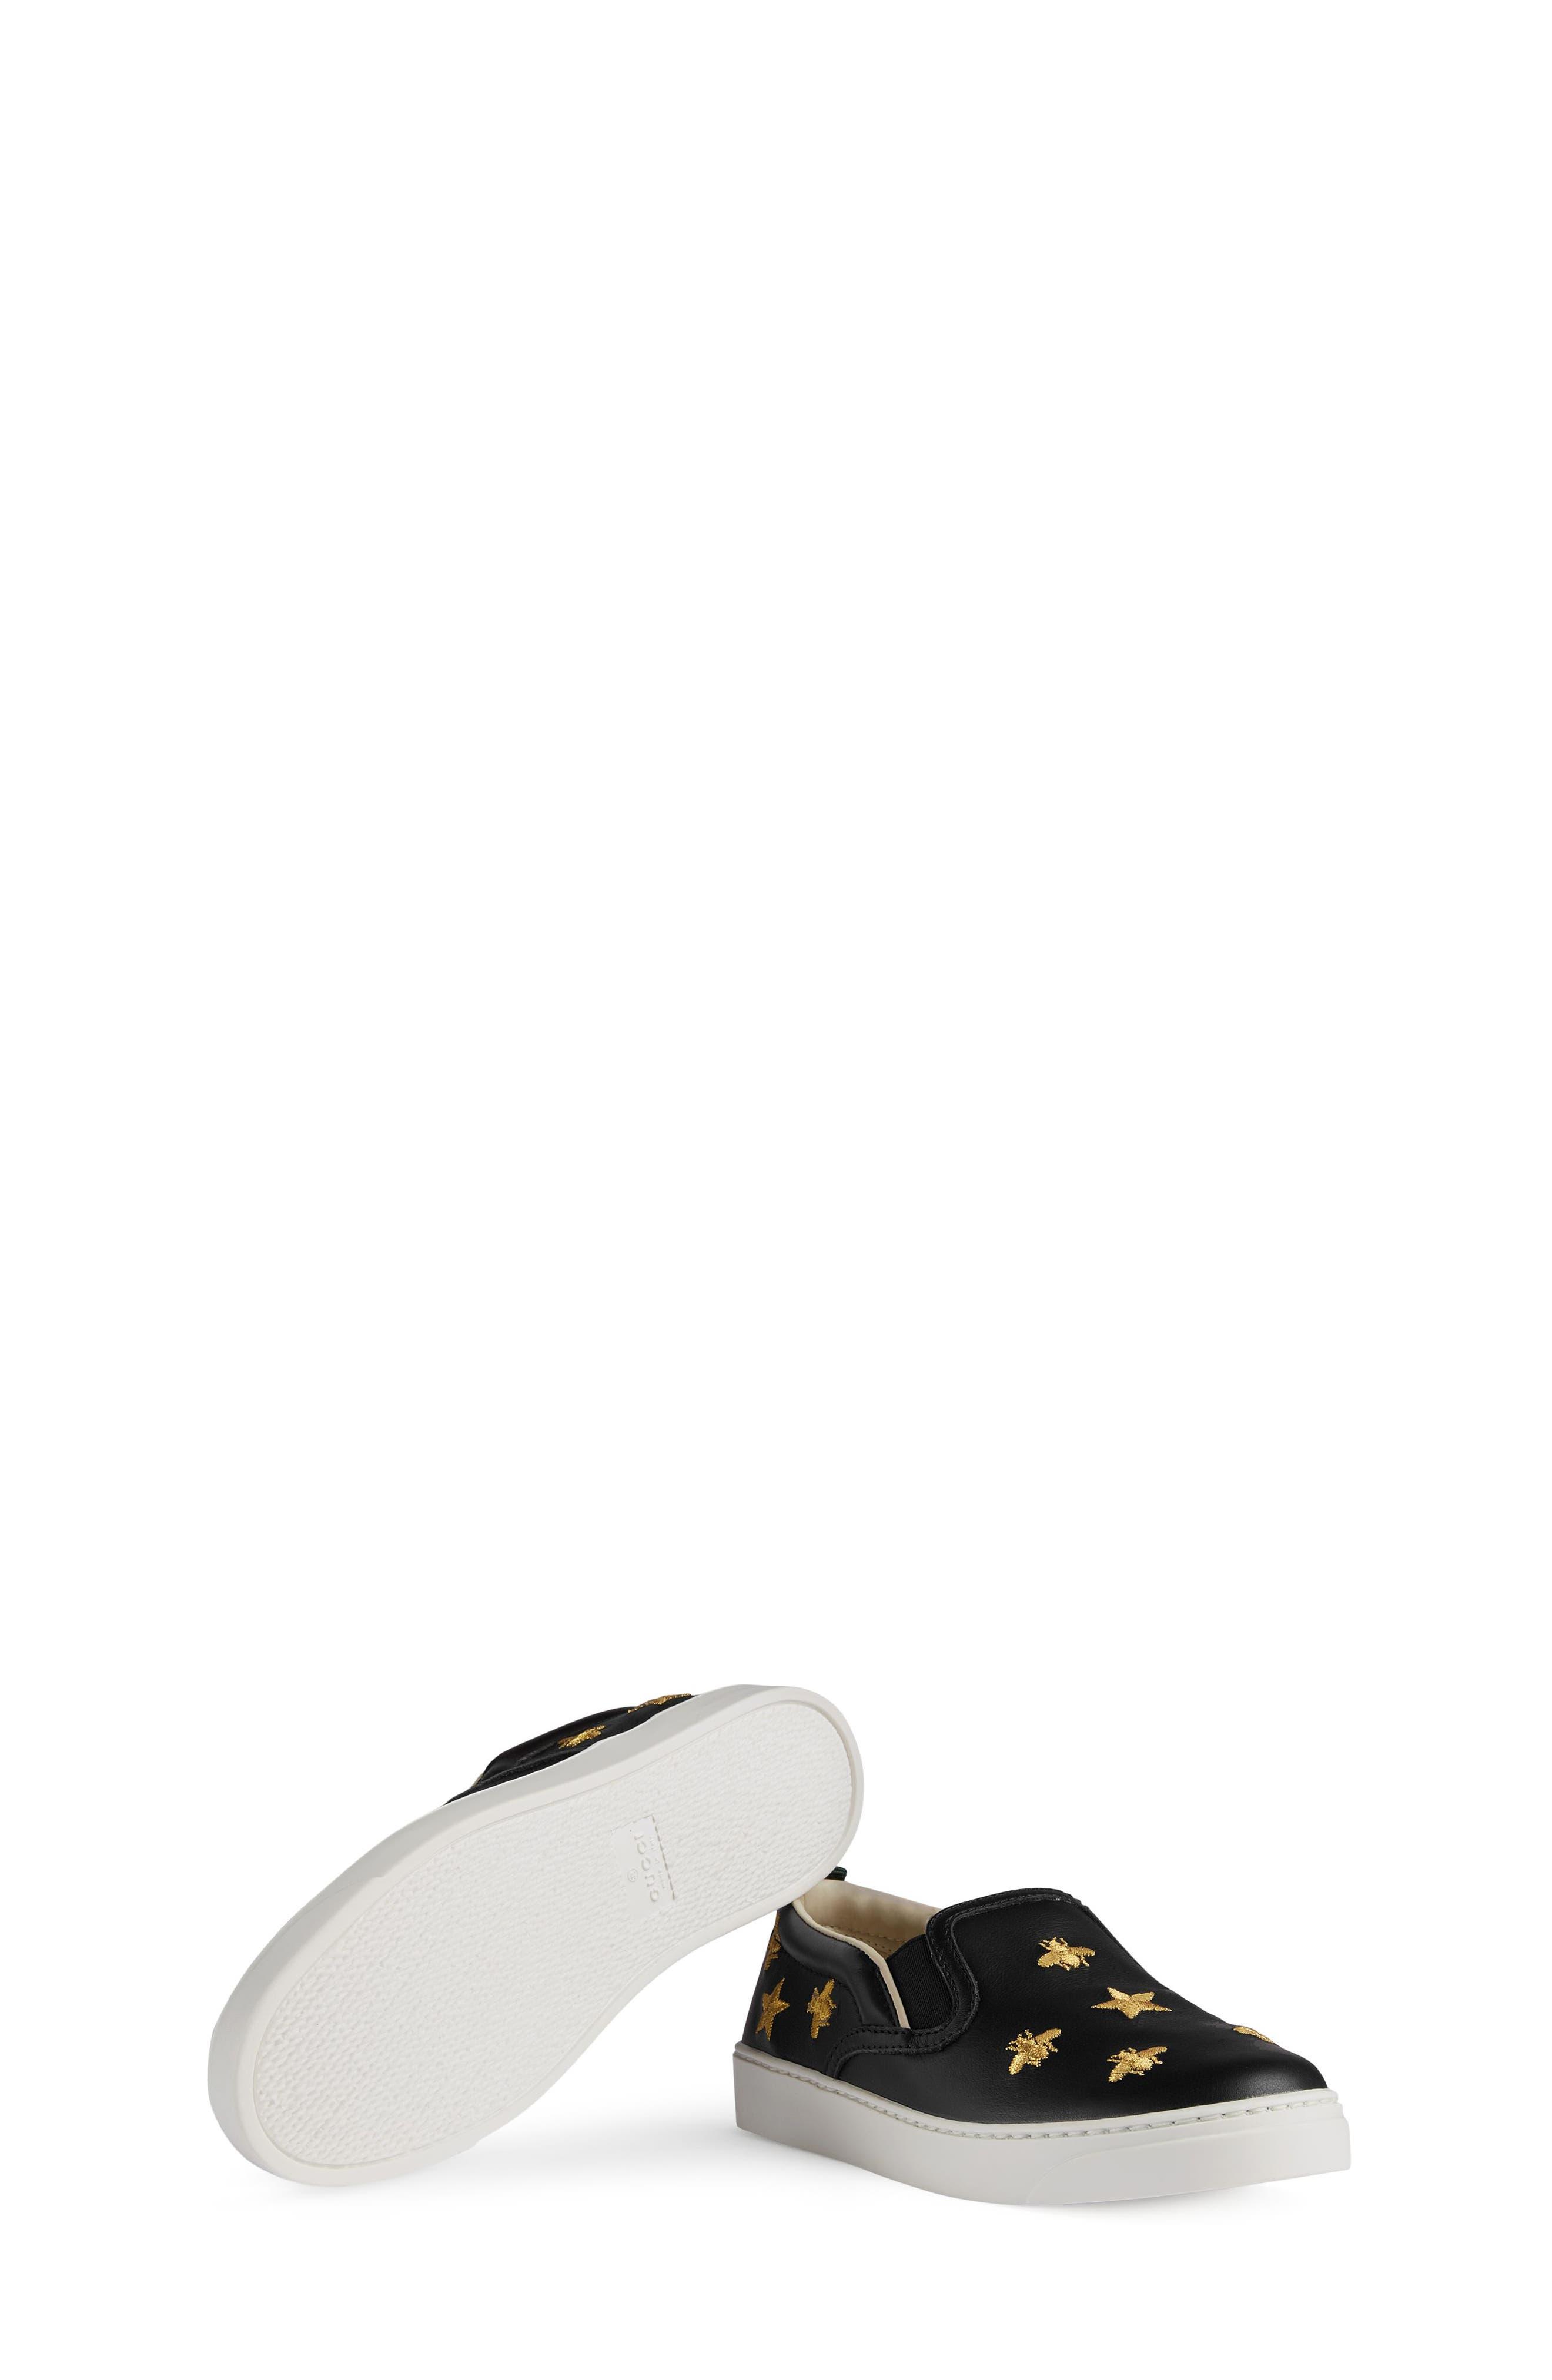 Dublin Bees and Stars Slip-On Sneaker,                             Alternate thumbnail 3, color,                             Black/Gold Stars